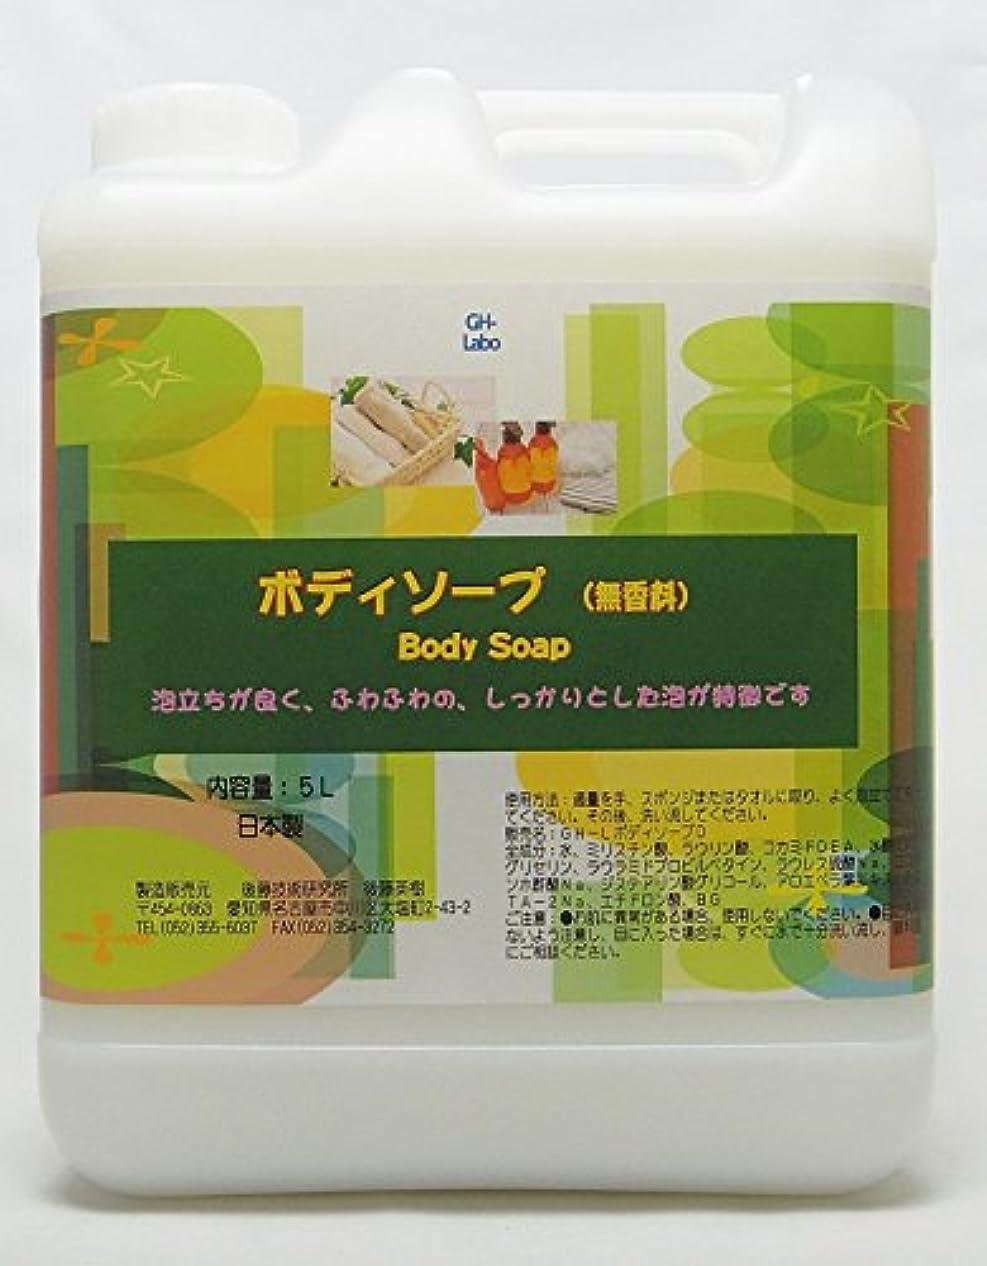 バナナ馬鹿げた威するGH-Labo 業務用ボディソープ 無香料 5L